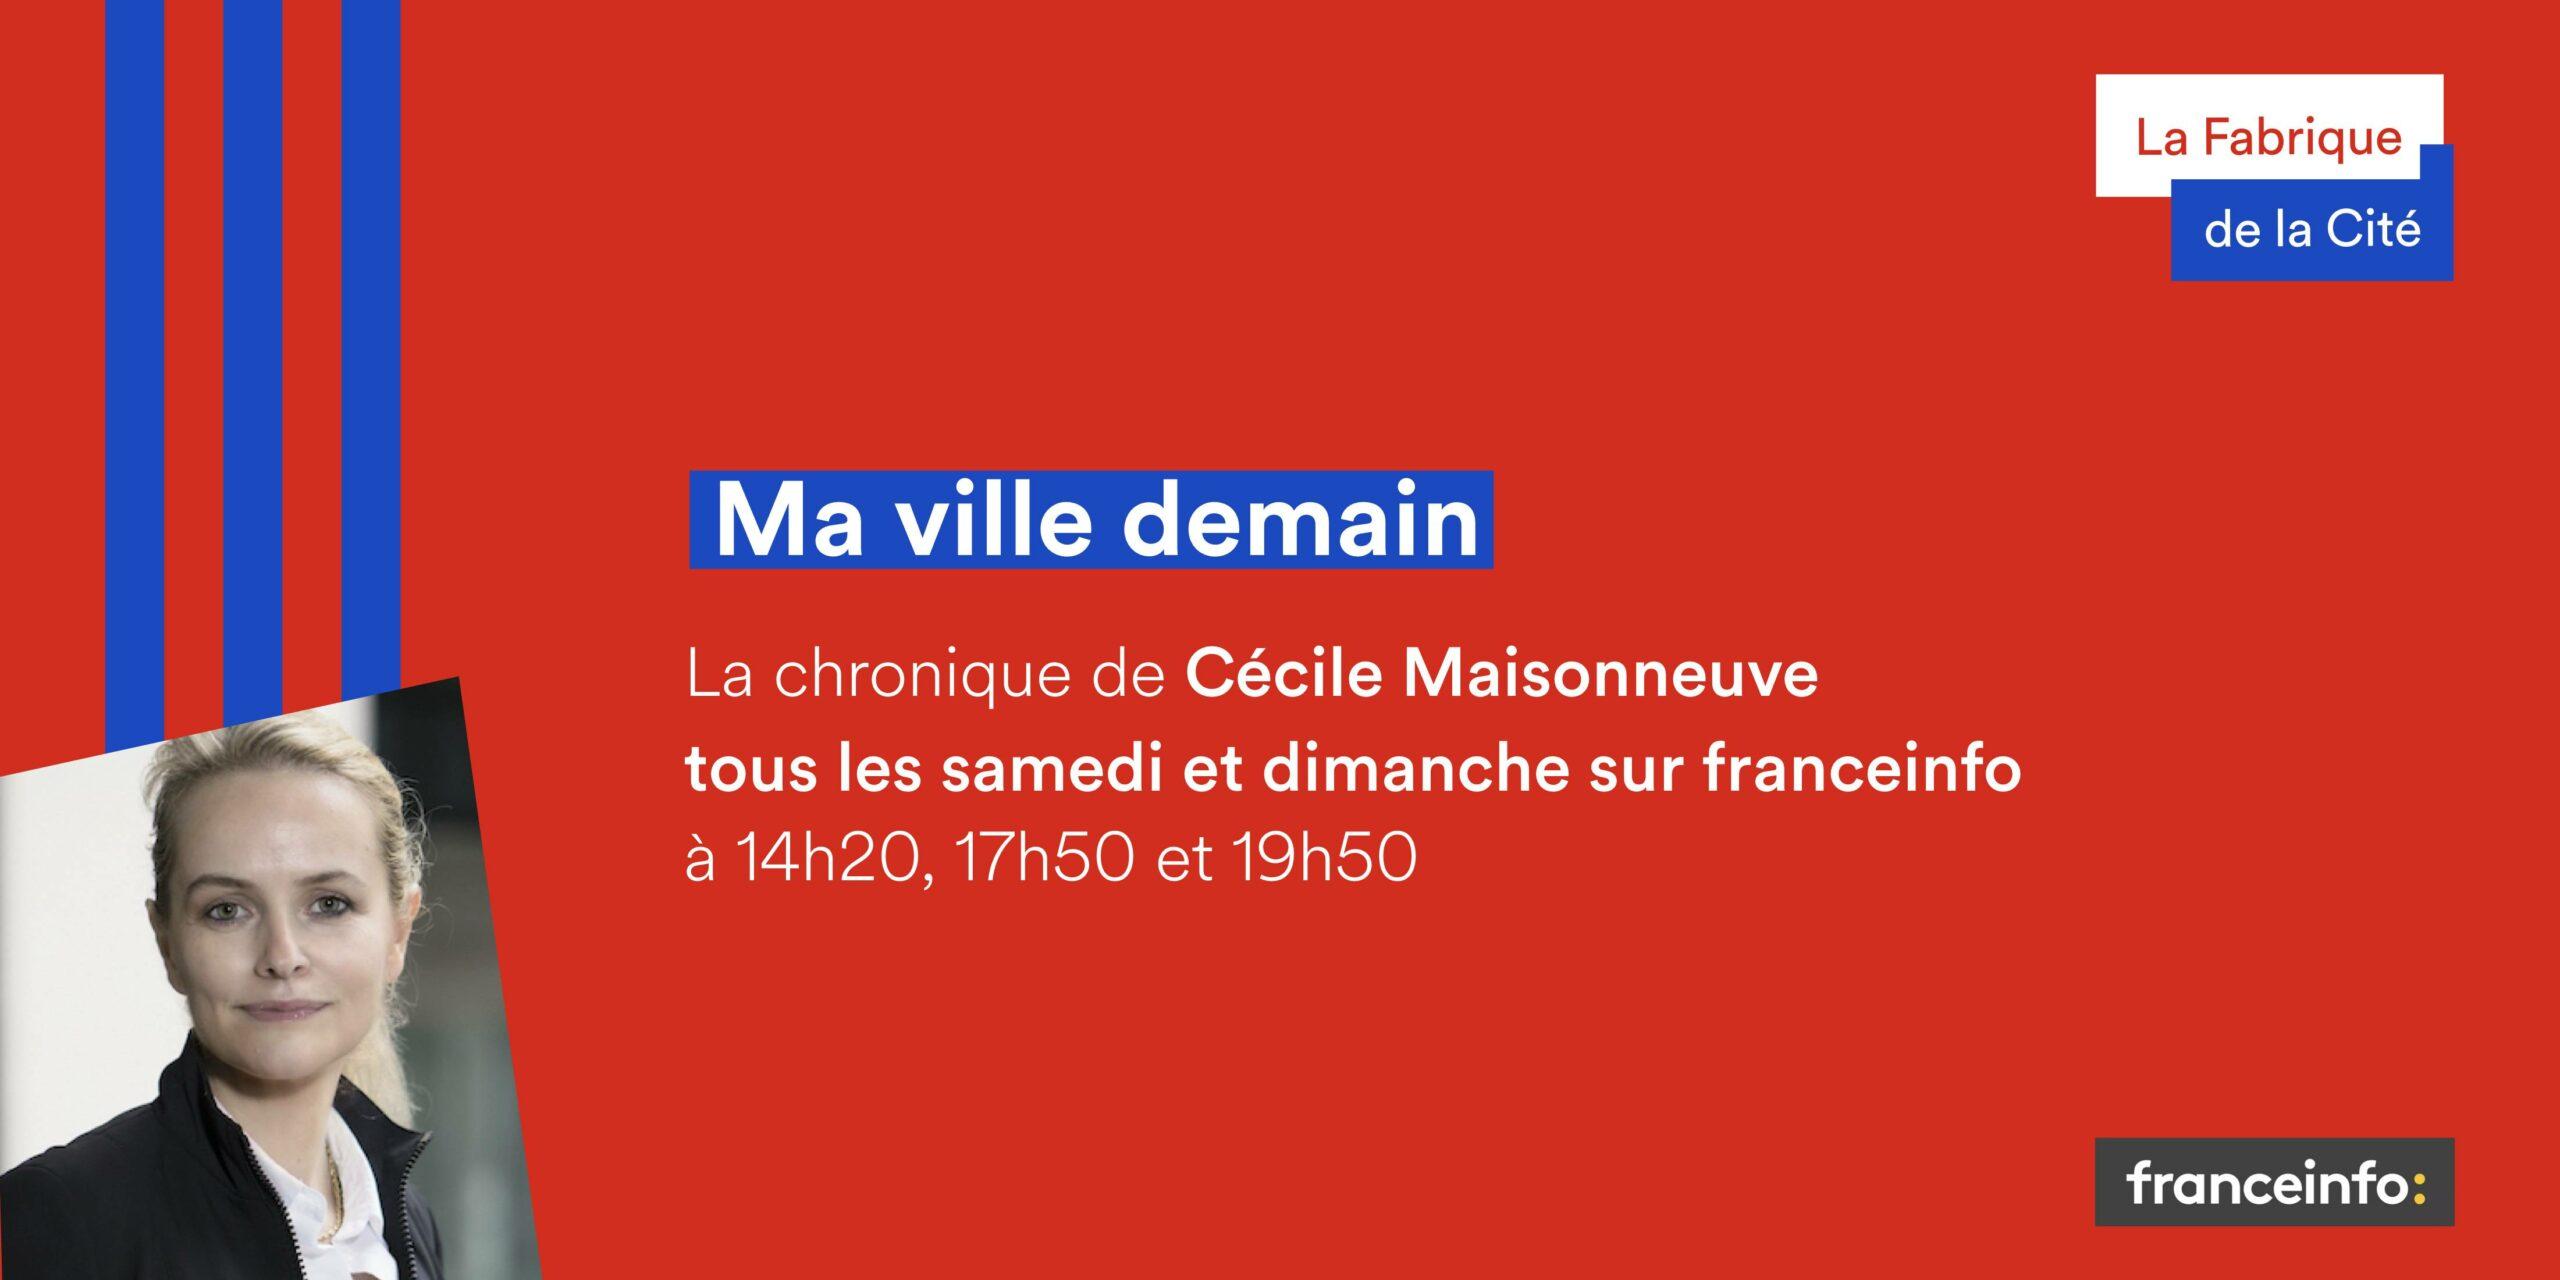 Ma ville demain - Chronique de Cécile Maisonneuve sur Franceinfo